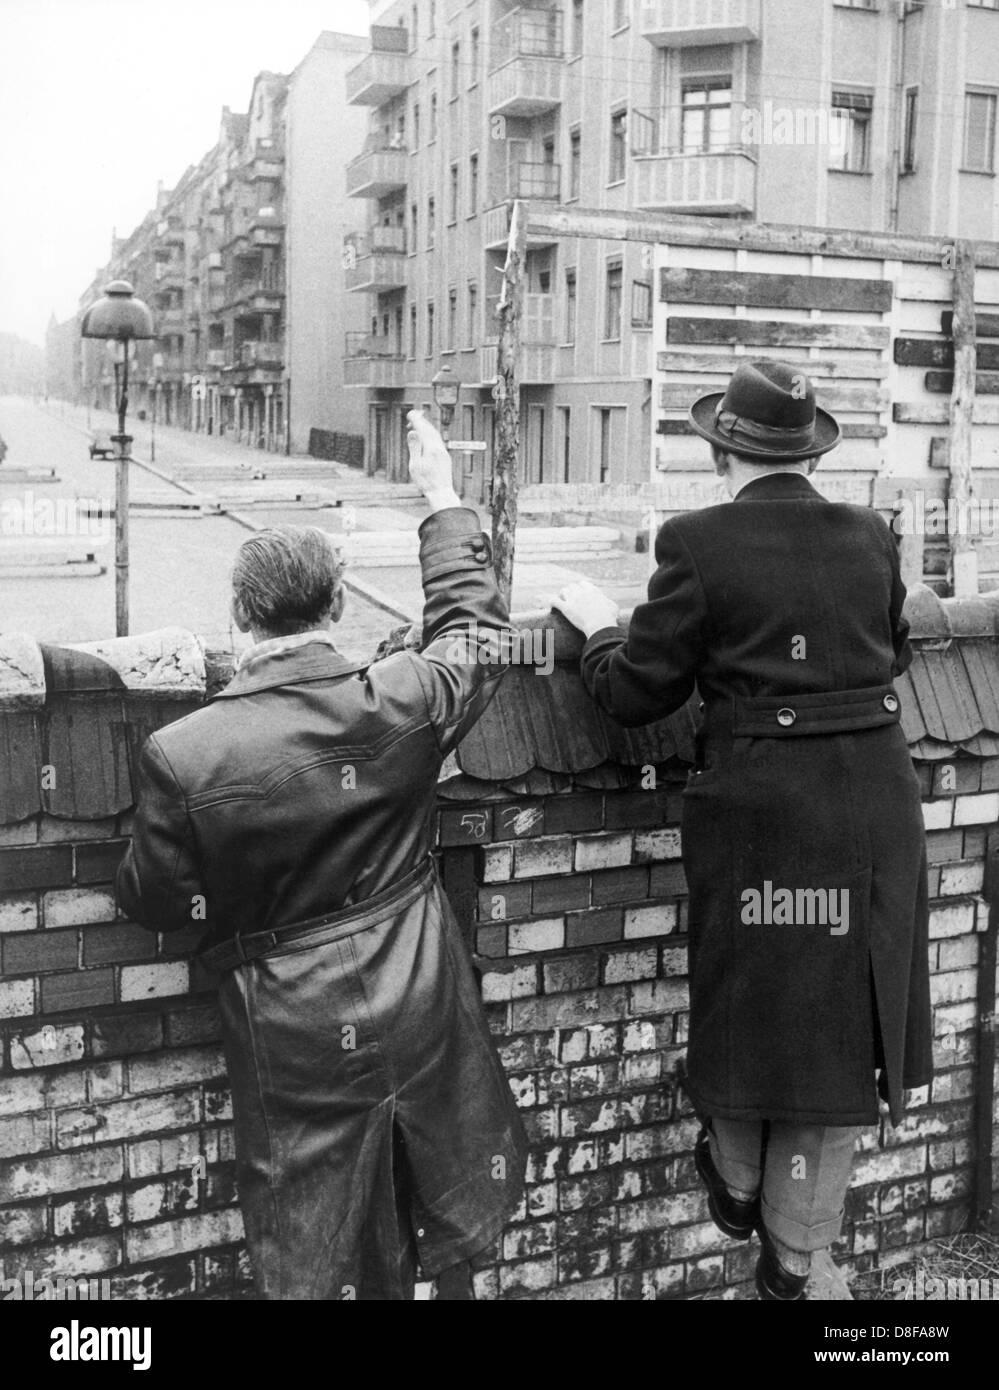 Westberliner Männer winken, solange die Möglichkeit noch besteht, im Jahr 1962 ihren Verwandten und Bekannten in Ostberlin zu. Volkspolizisten der DDR sind damit beschäftigt, eine Sichtblende zu errichten. Am frühen Sonntagmorgen des 13. August 1961 wurde unter der Aufsicht von bewaffneten Streitkräften der DDR mit der Errichtung von Straßensperren aus Stacheldraht und dem Bau einer Mauer begonnen, um den Ostteil Berlins vom Westteil abzusperren. Die Mauer sollte den ständig steigenden Flüchtlingsstrom von Ost- nach West-Berlin stoppen. +++(c) dpa - Report+++ Stock Photo